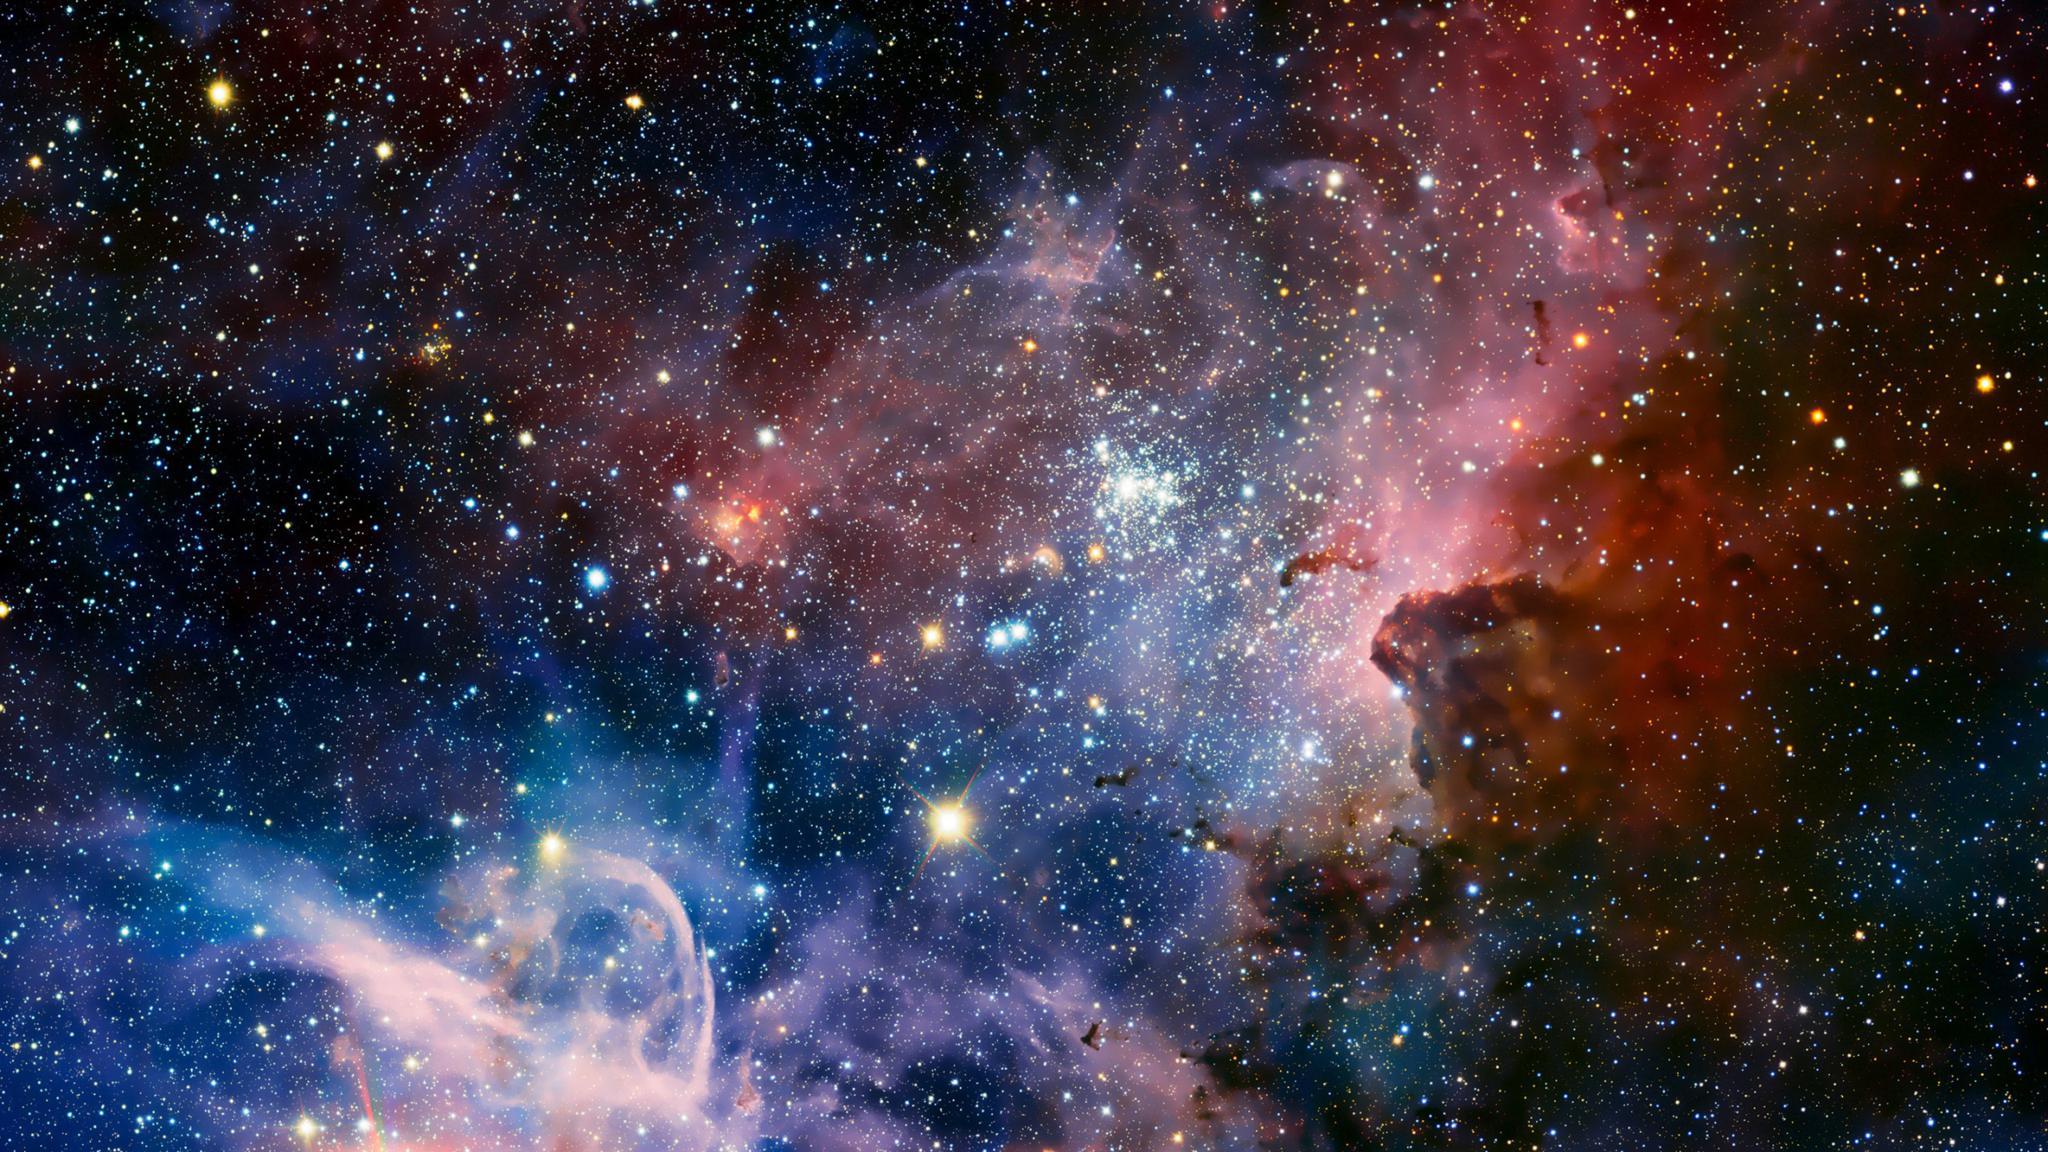 Ảnh chụp dải ngân hà tuyệt đẹp